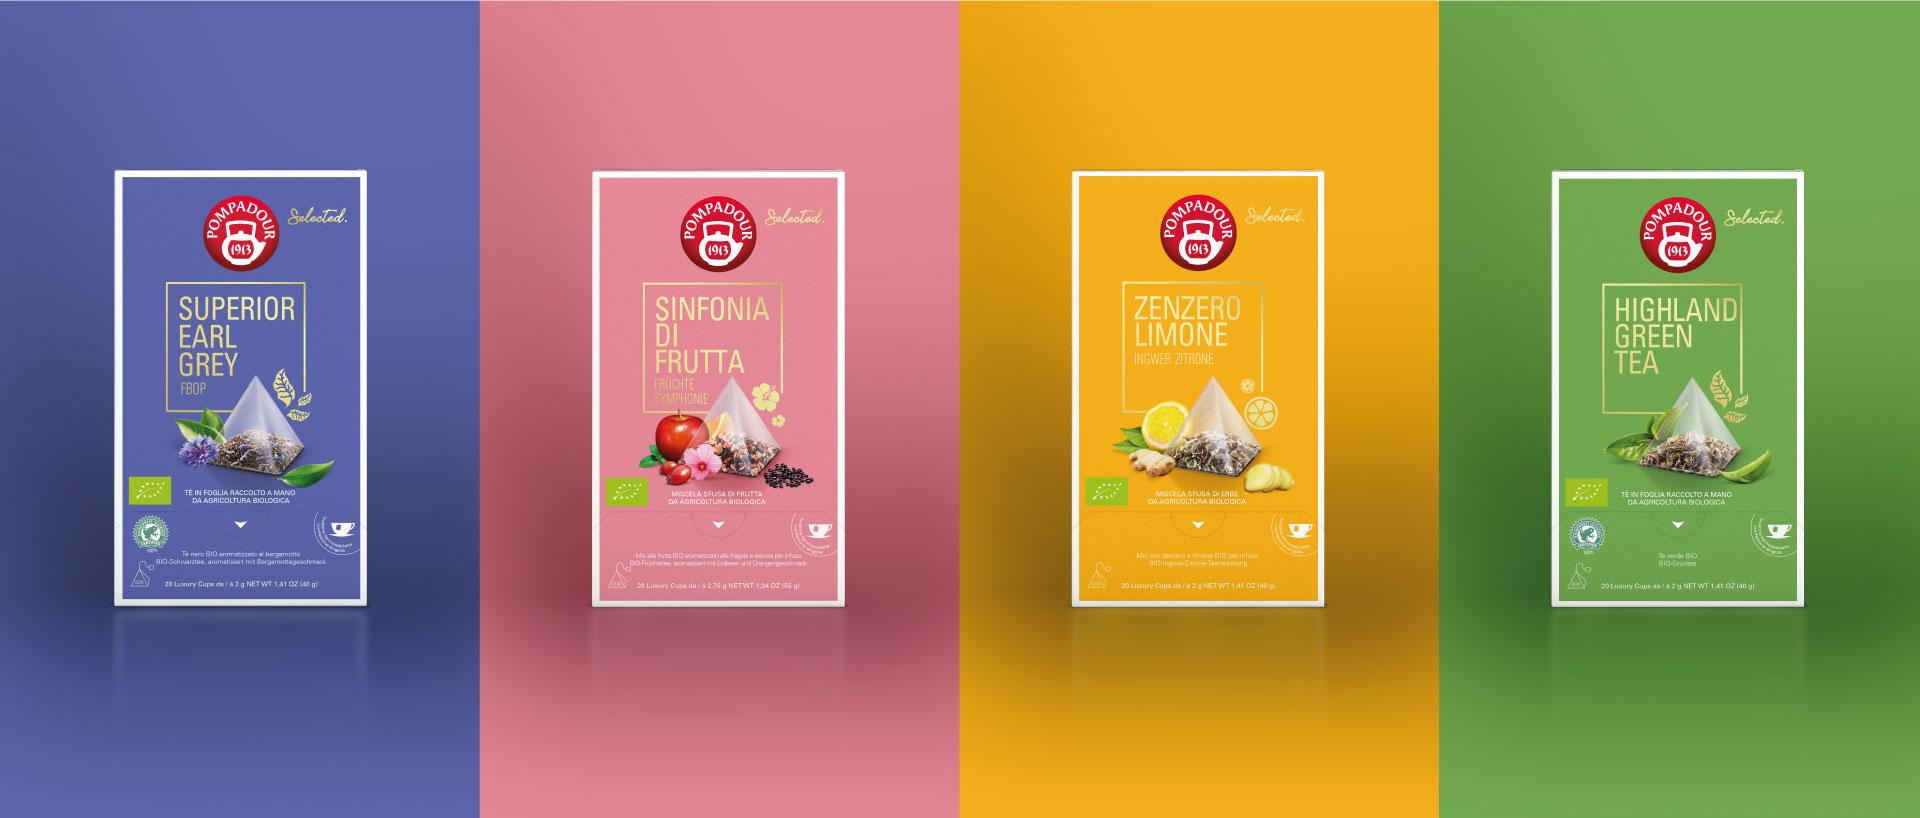 Foodagentur Food & Co Kommunikation Packaging Design Teekanne